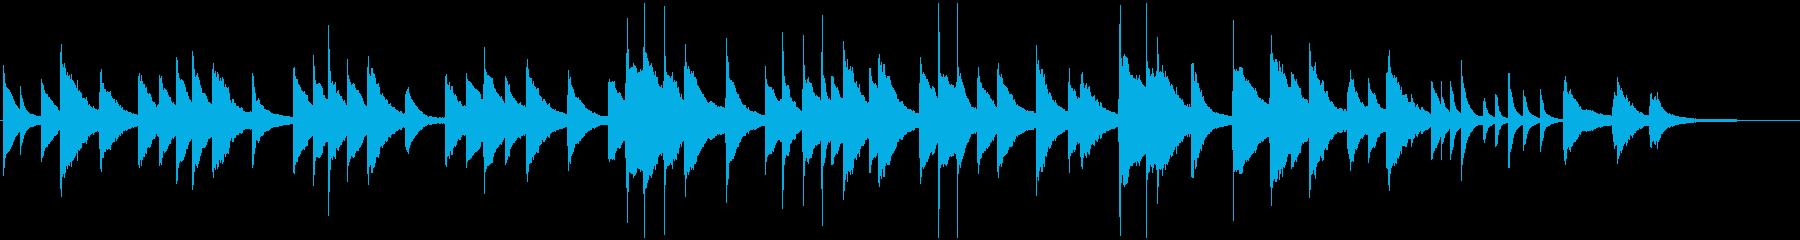 繊細でメロディアスなピアノバラードの再生済みの波形